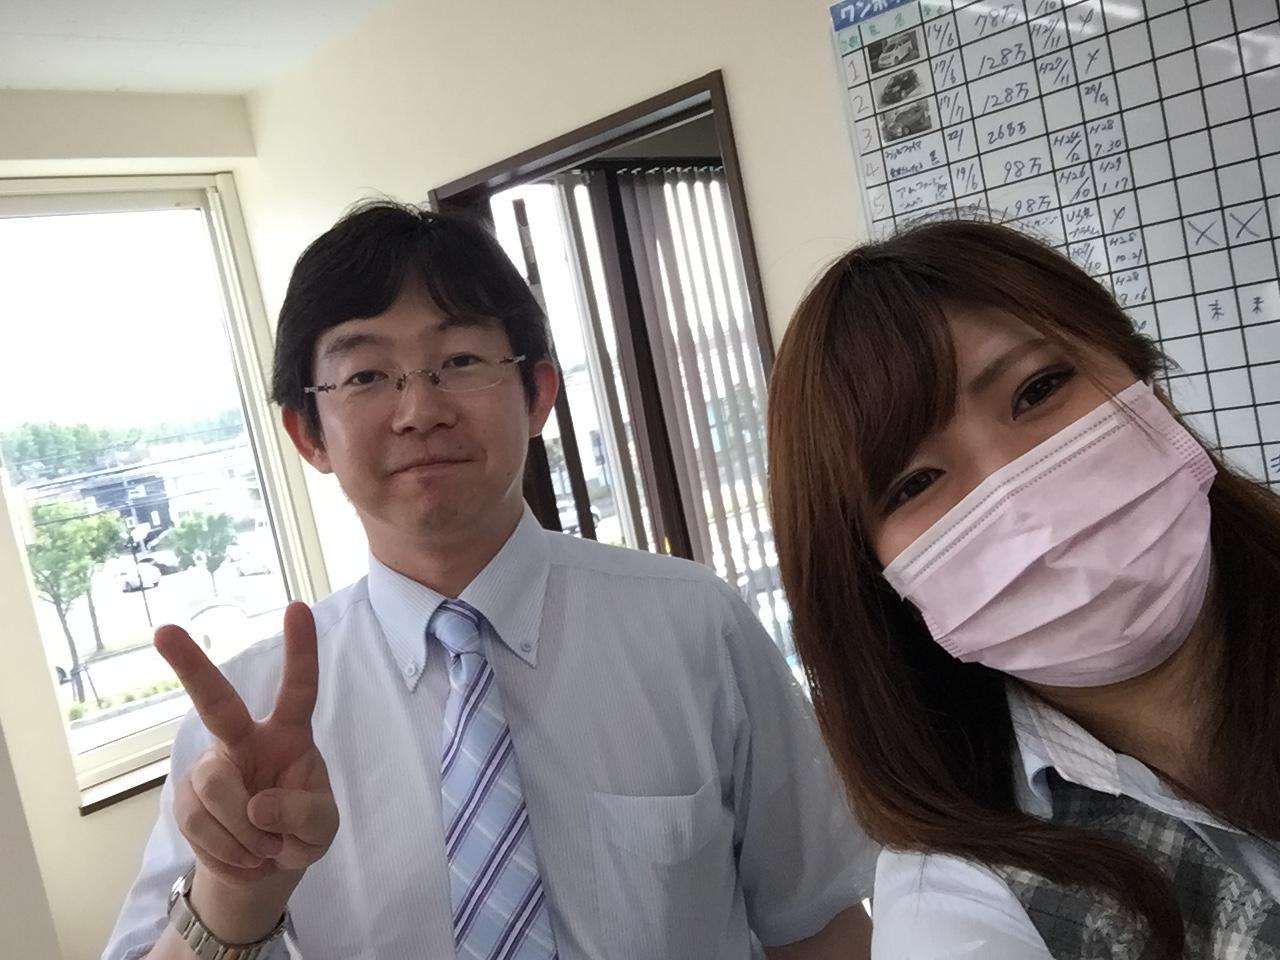 7月 7日 (木) ken ブログ ランクル ハマー アルファード_b0127002_2217421.jpg